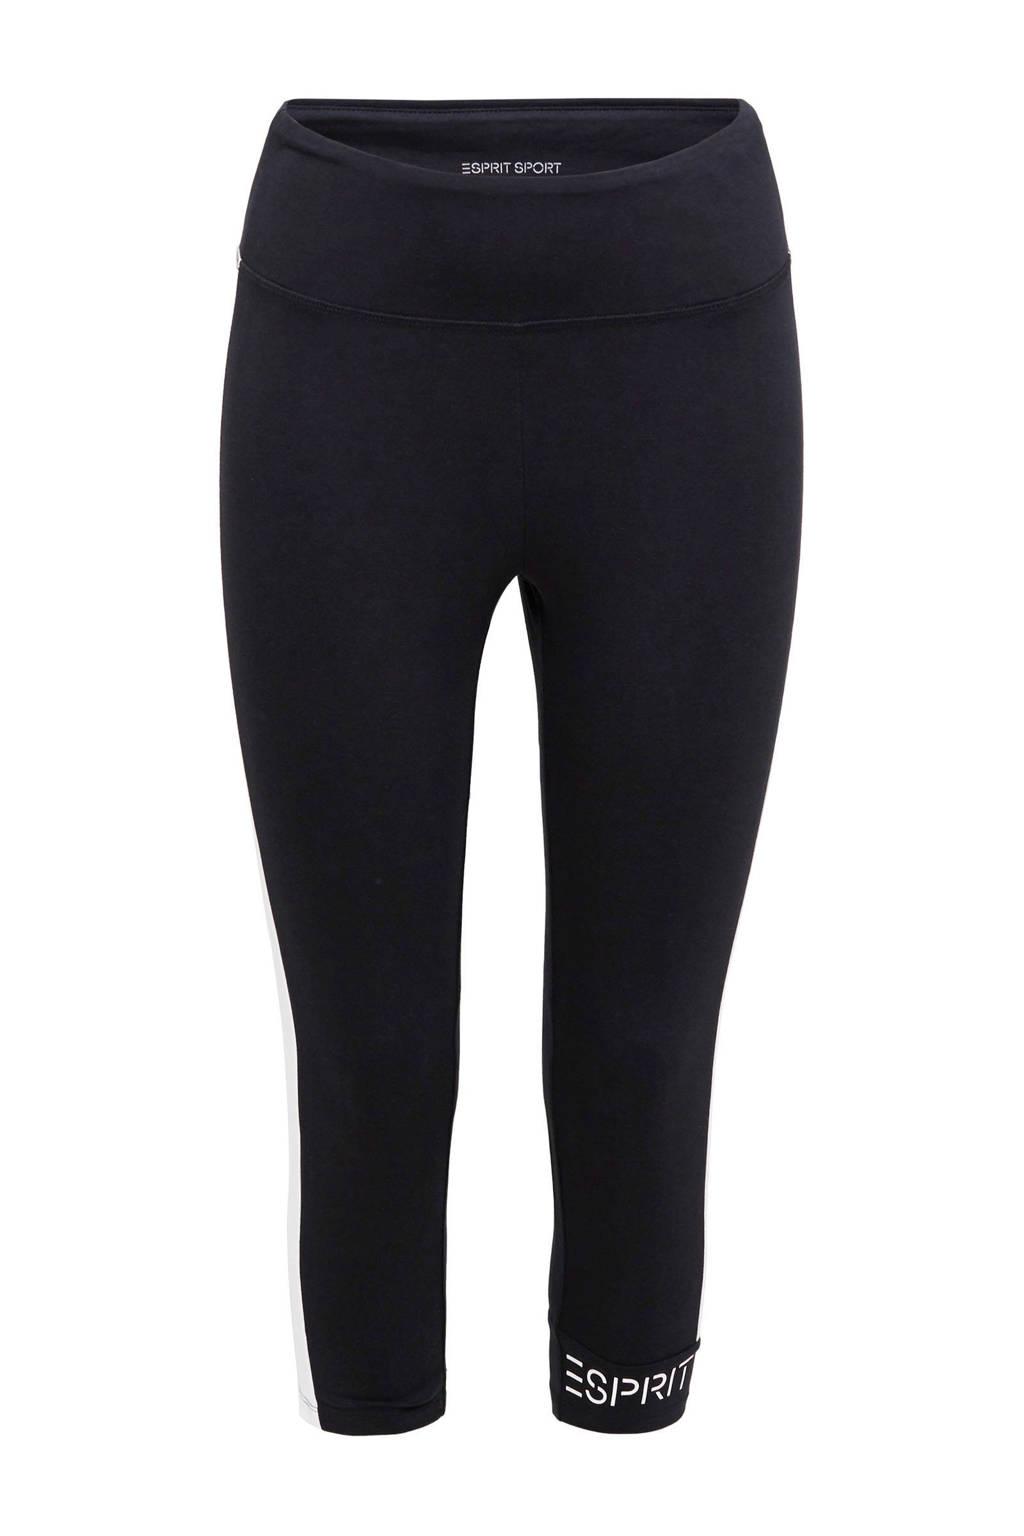 ESPRIT Women Sports 3/4 sportbroek zwart/wit, Zwart/wit